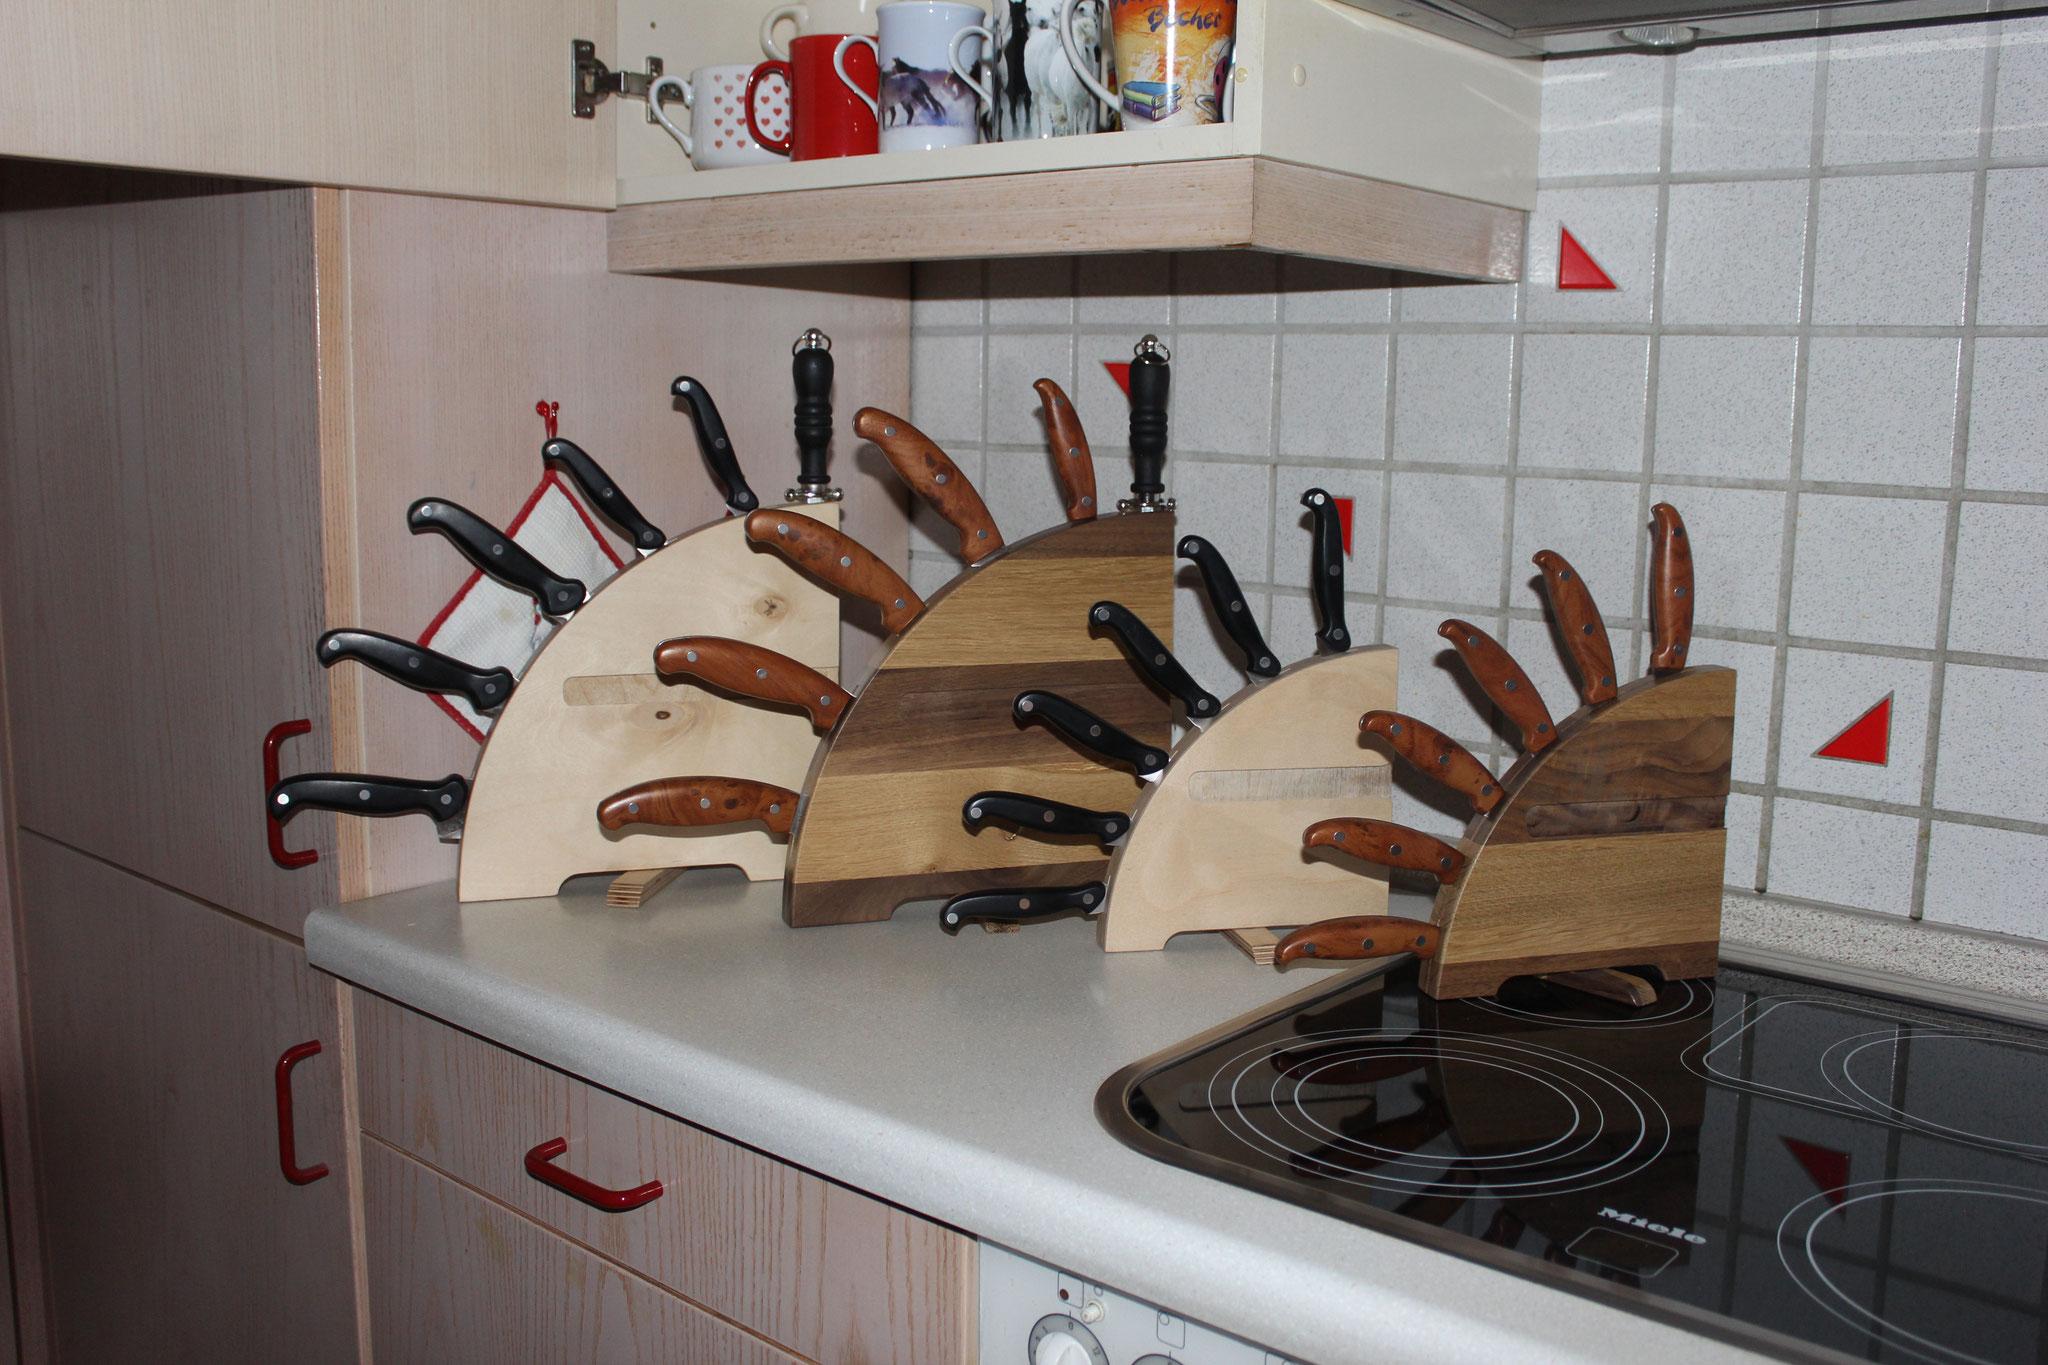 Messerbretter klein und groß (Farb-Beispiel)